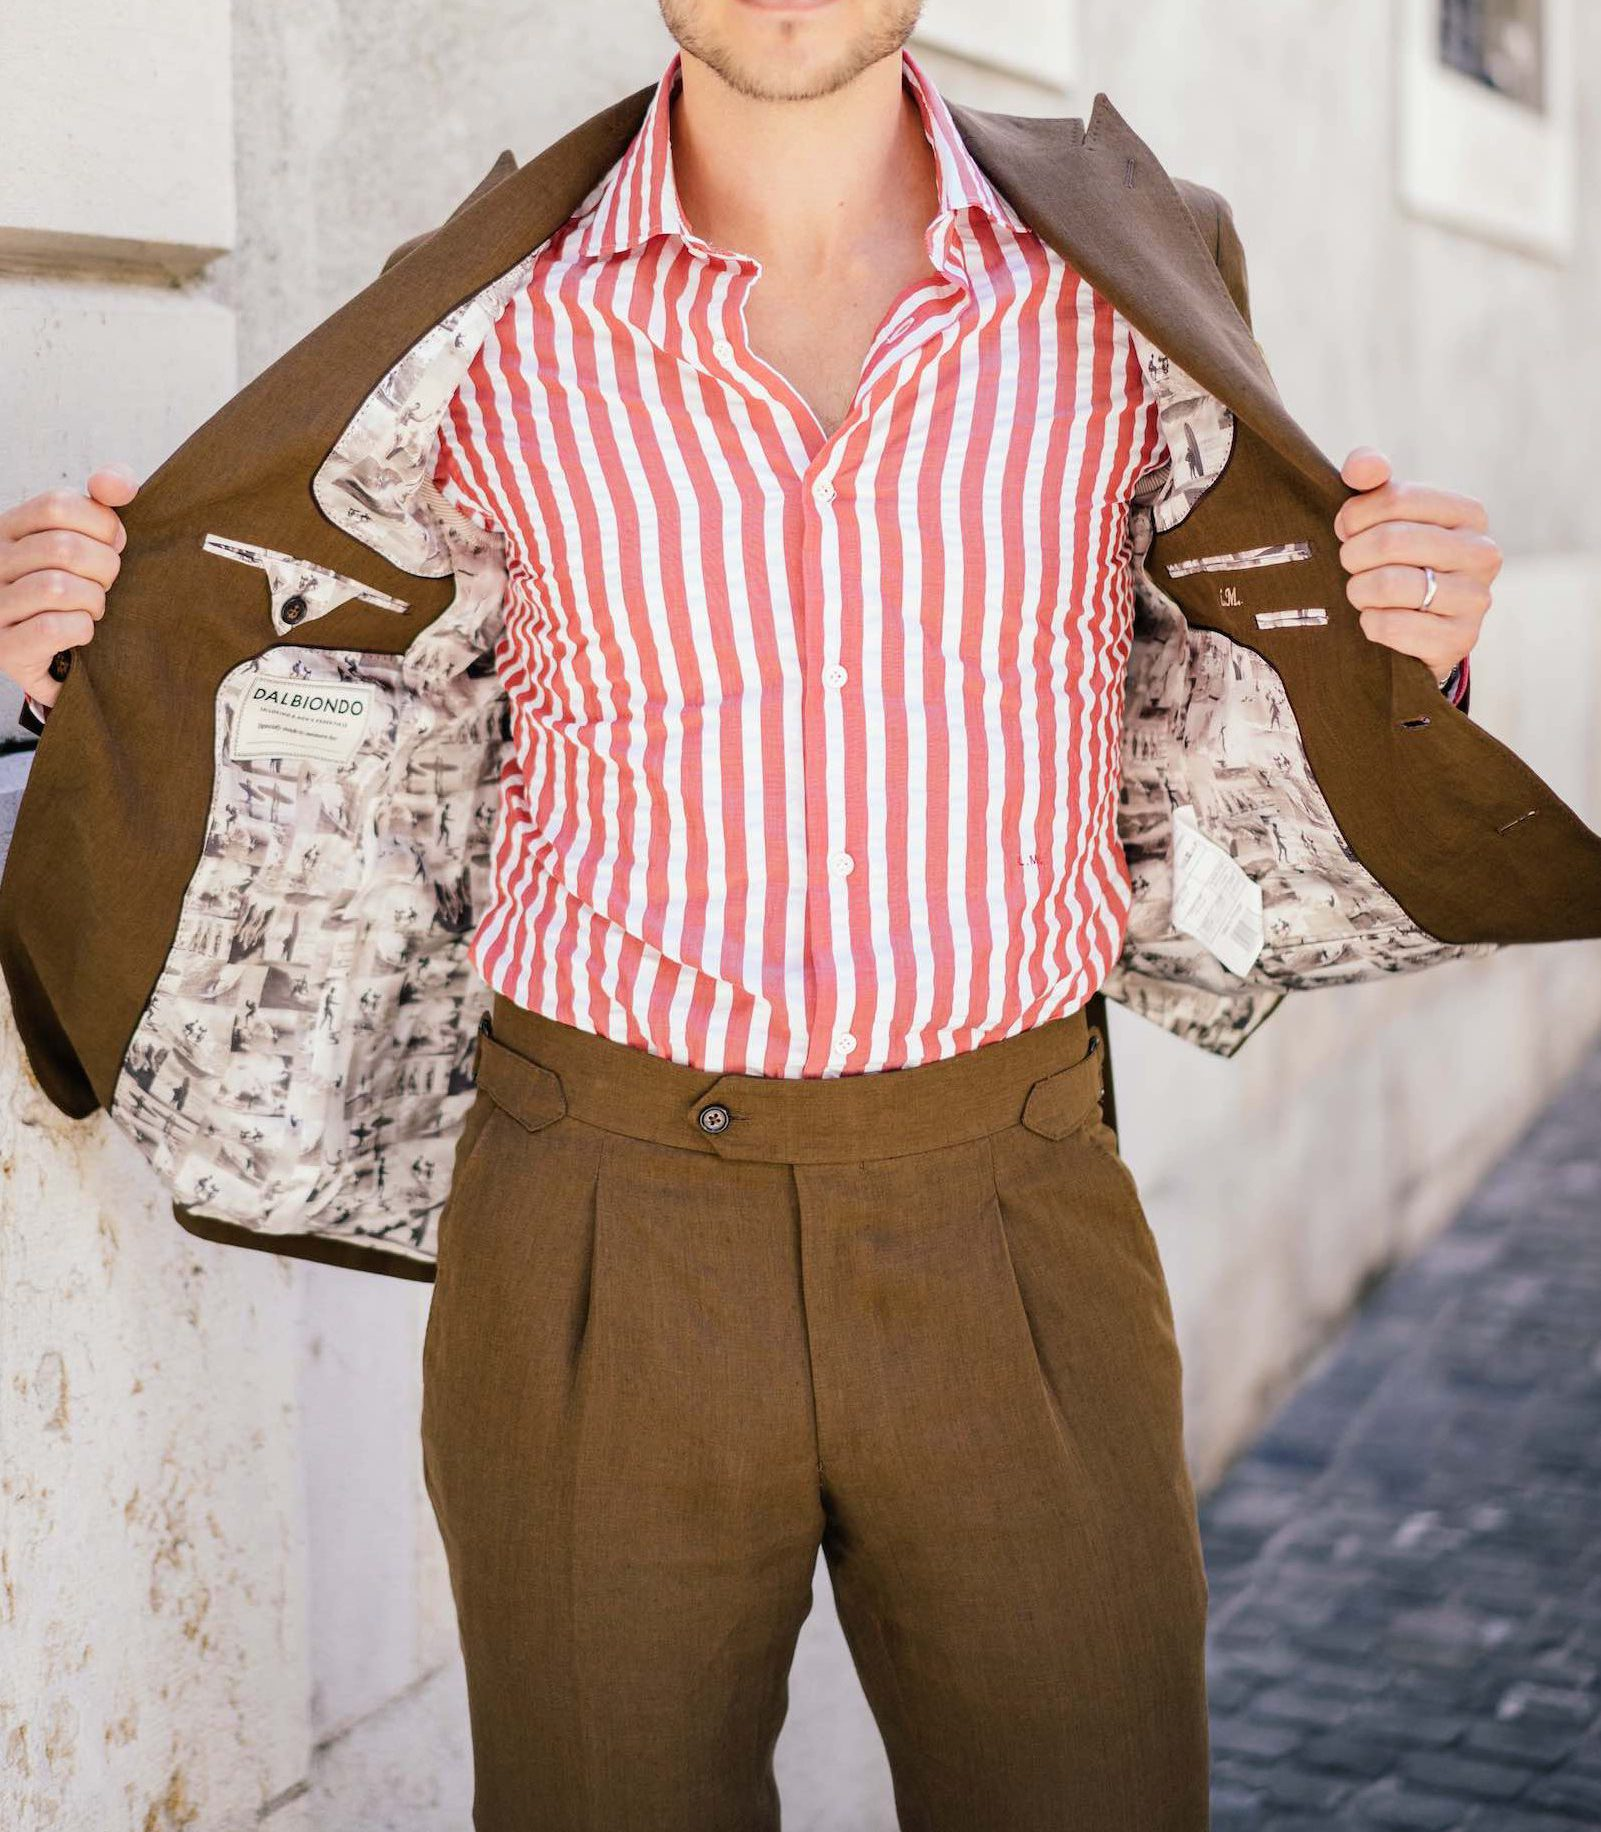 Man with Dalbiondo seersucker shirt and brown linen suit